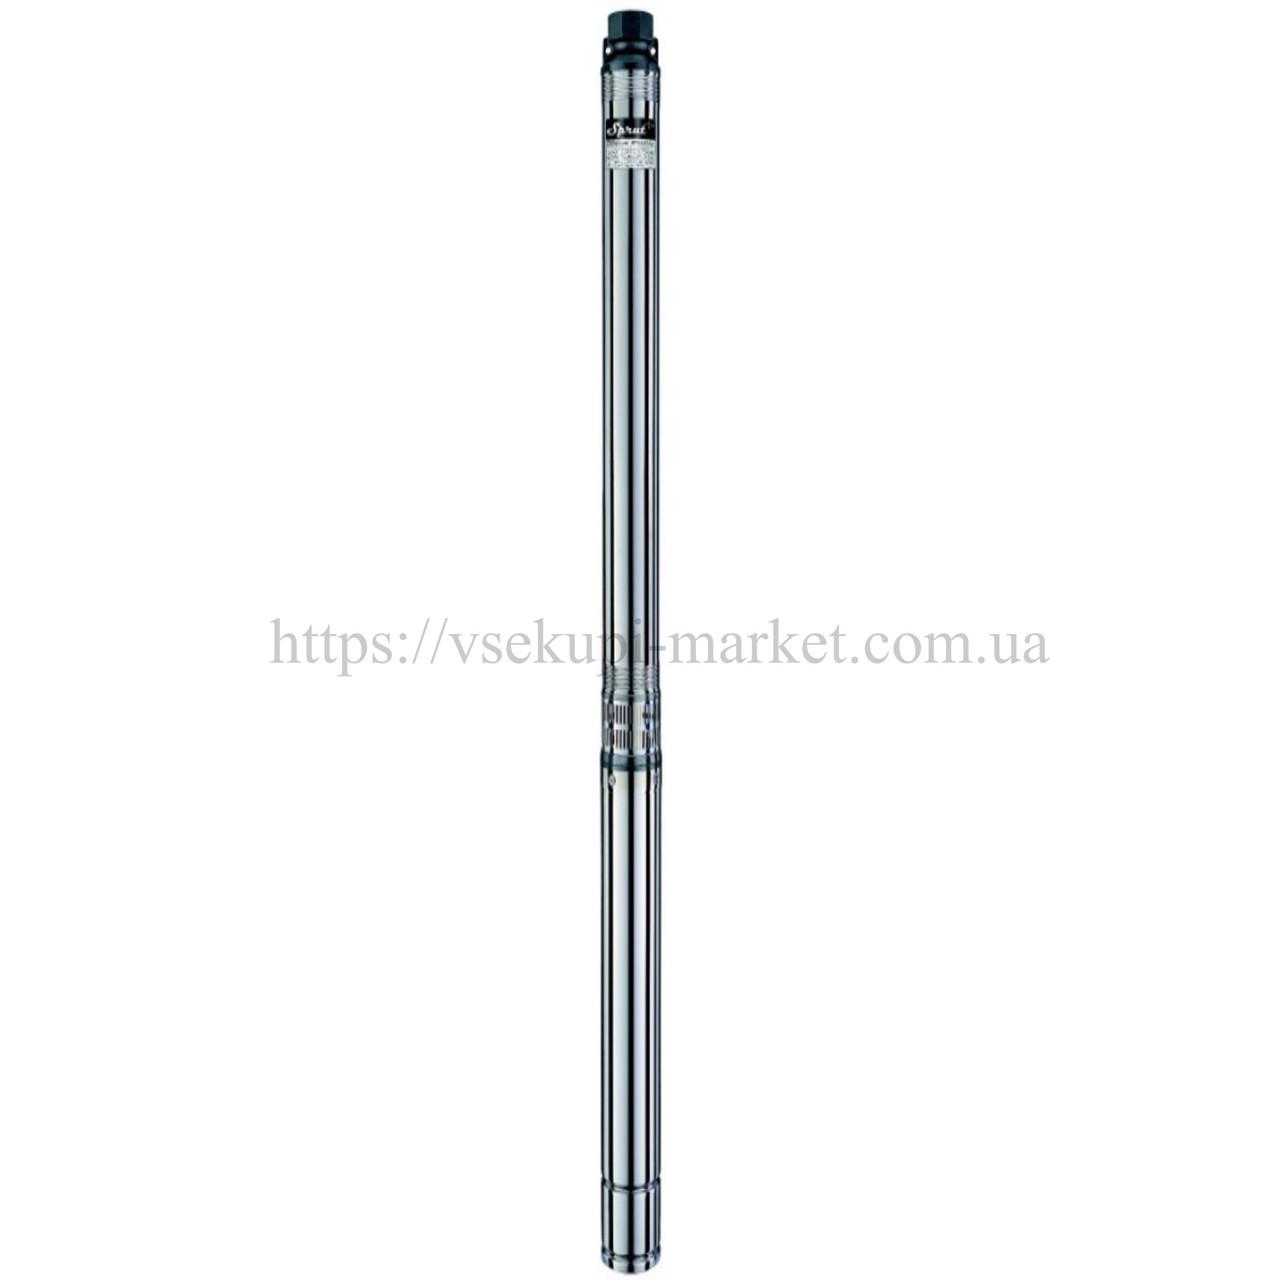 Скважинный трехфазный насос SPRUT 4SPW 10-110-5,5